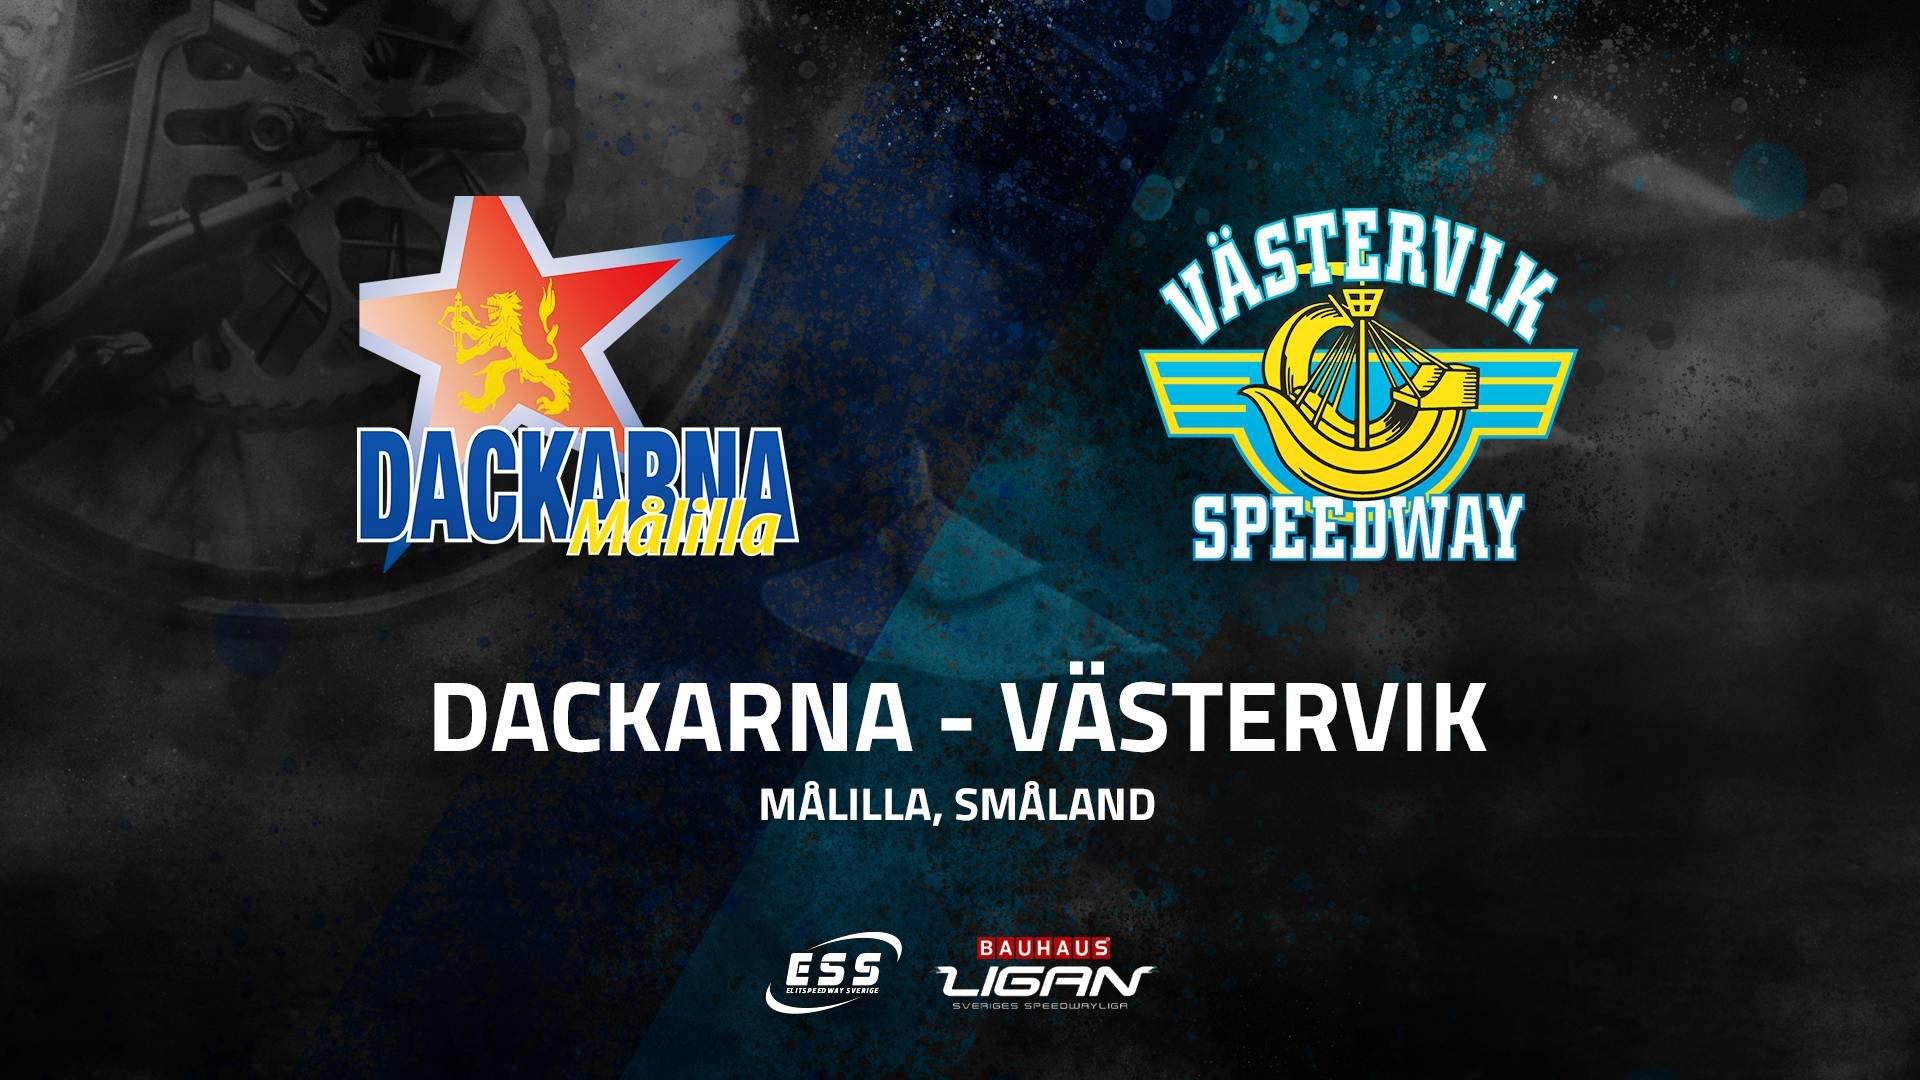 Dackarna - Västervik